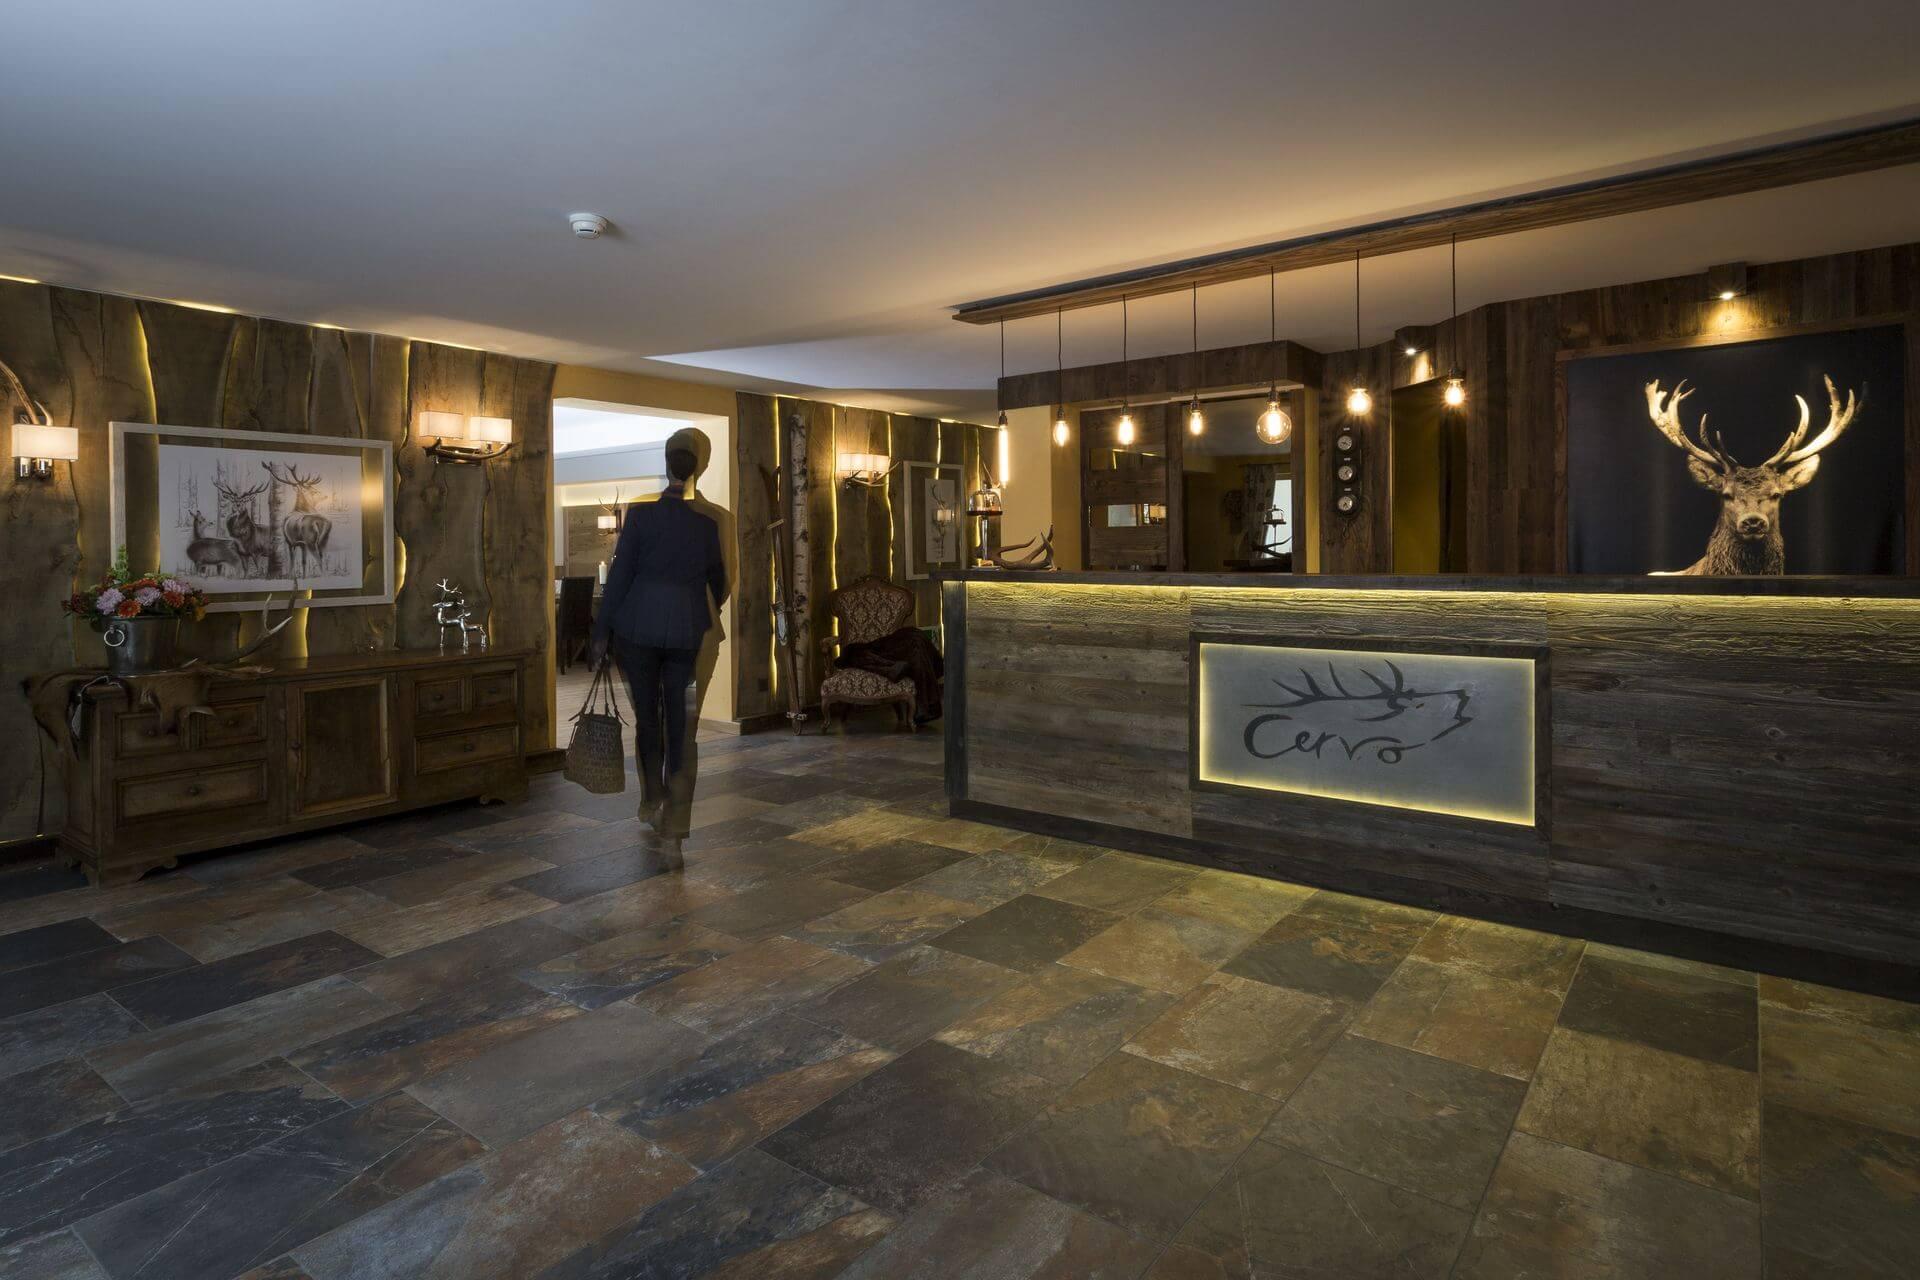 3-tage-im-hotel-cervo-in-sils